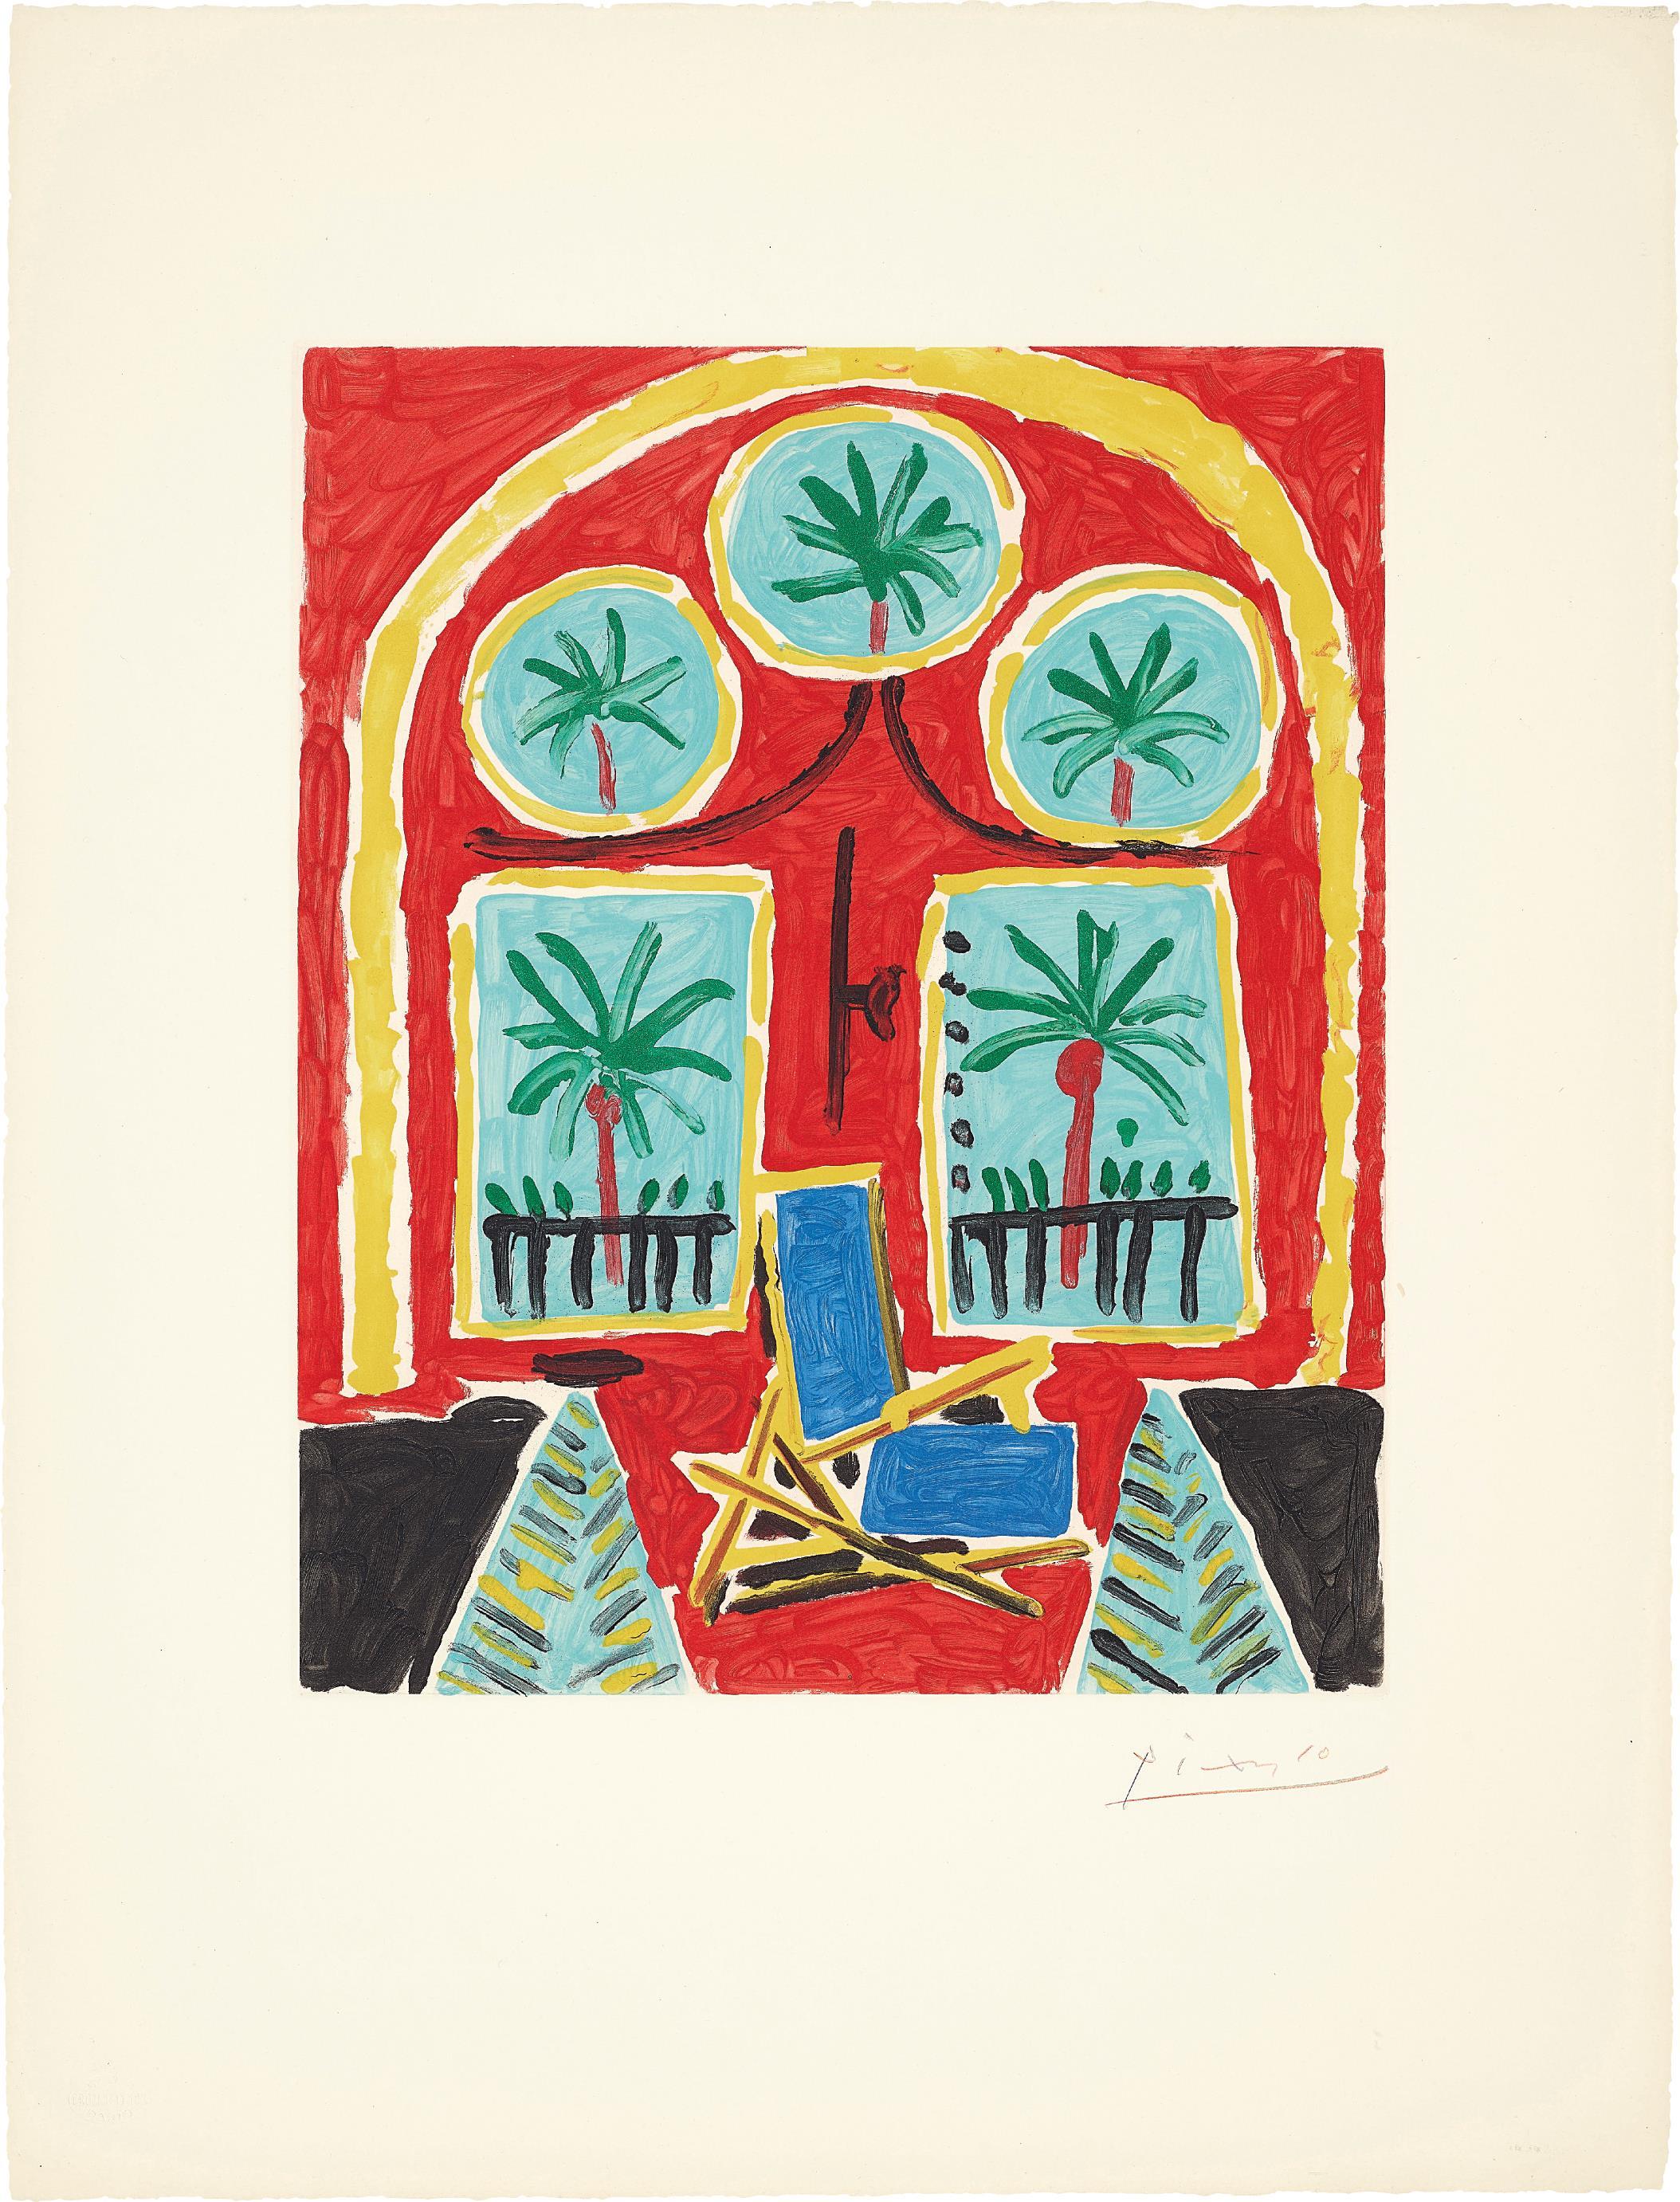 After Pablo Picasso - La Californie (Interieur Rouge) (La Californie - Red Interior)-1960